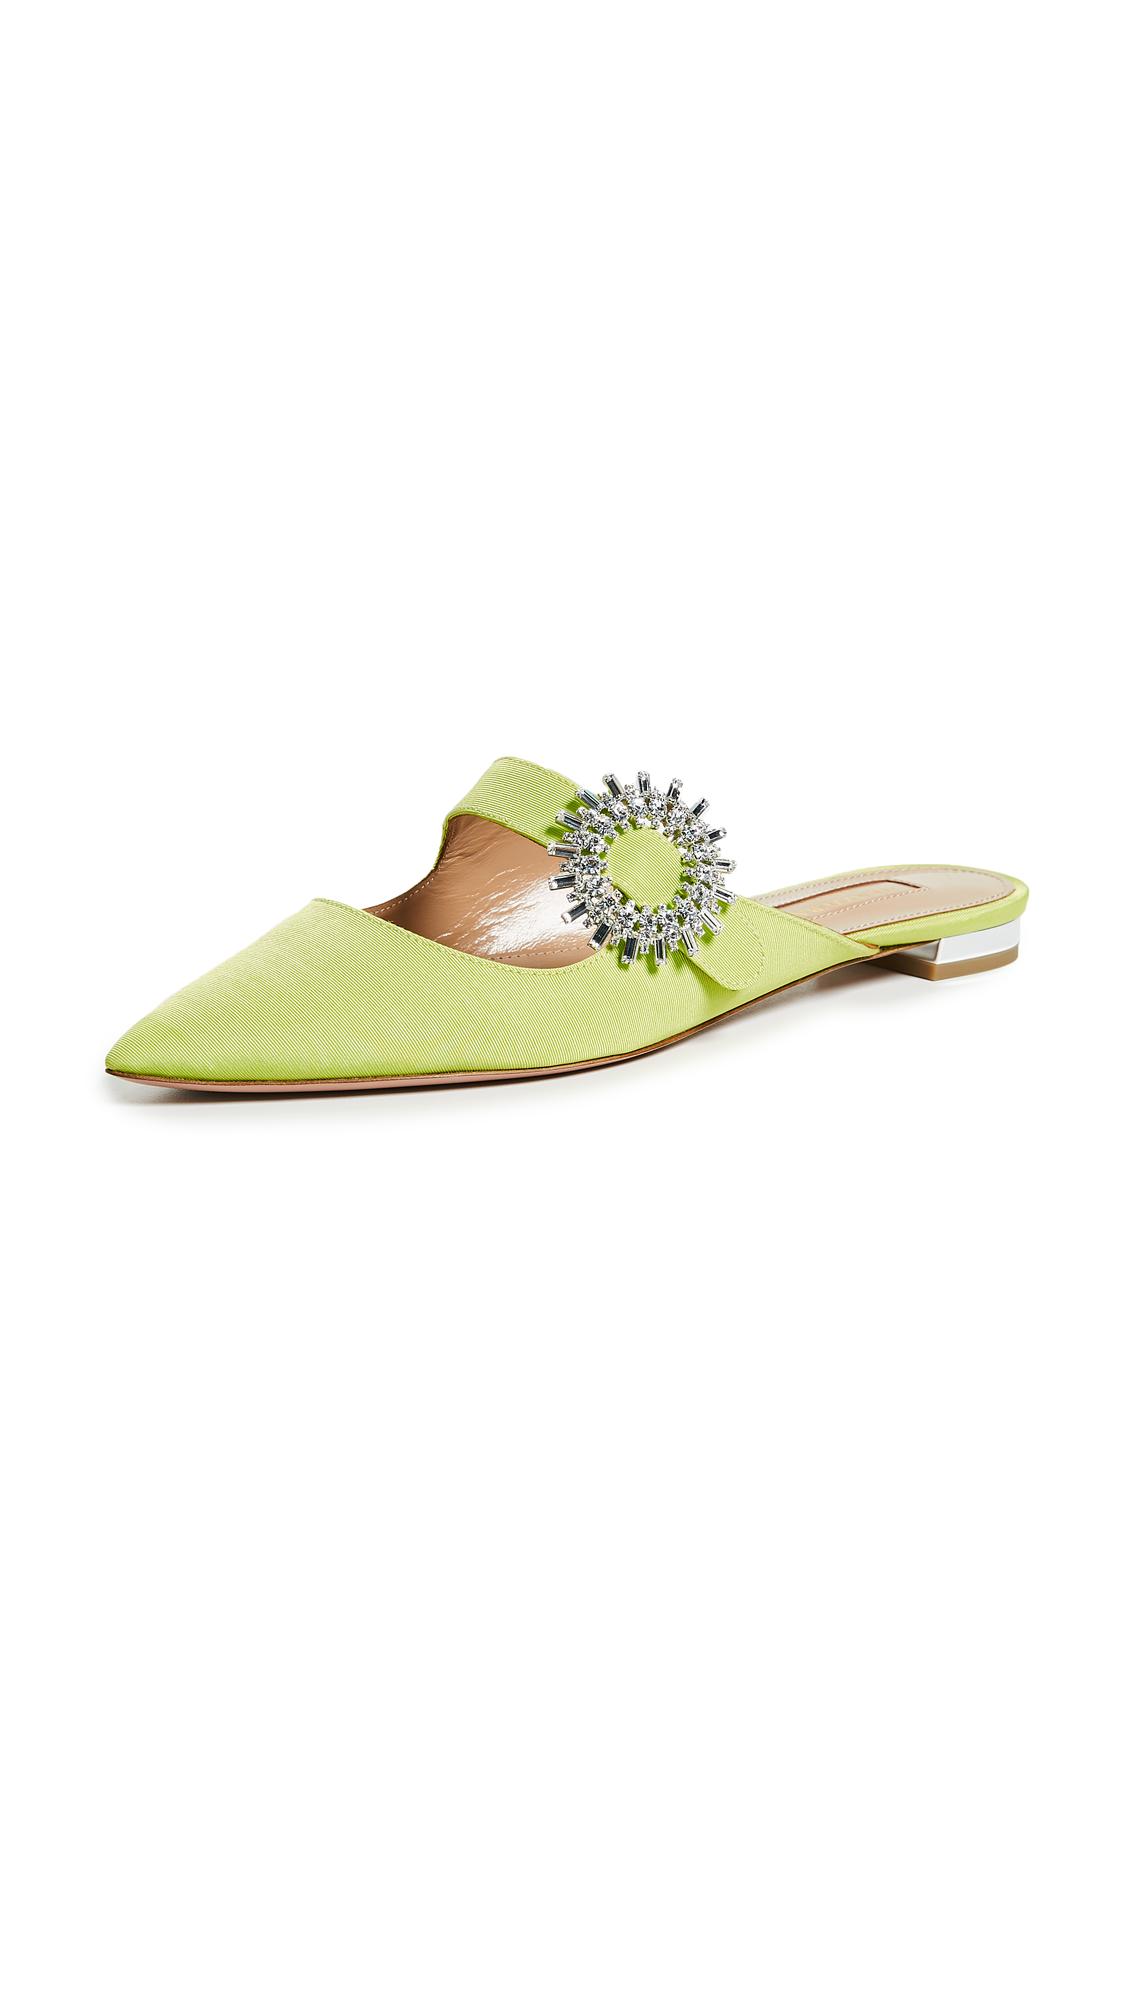 Aquazzura Crystal Blossom Flats - Lime